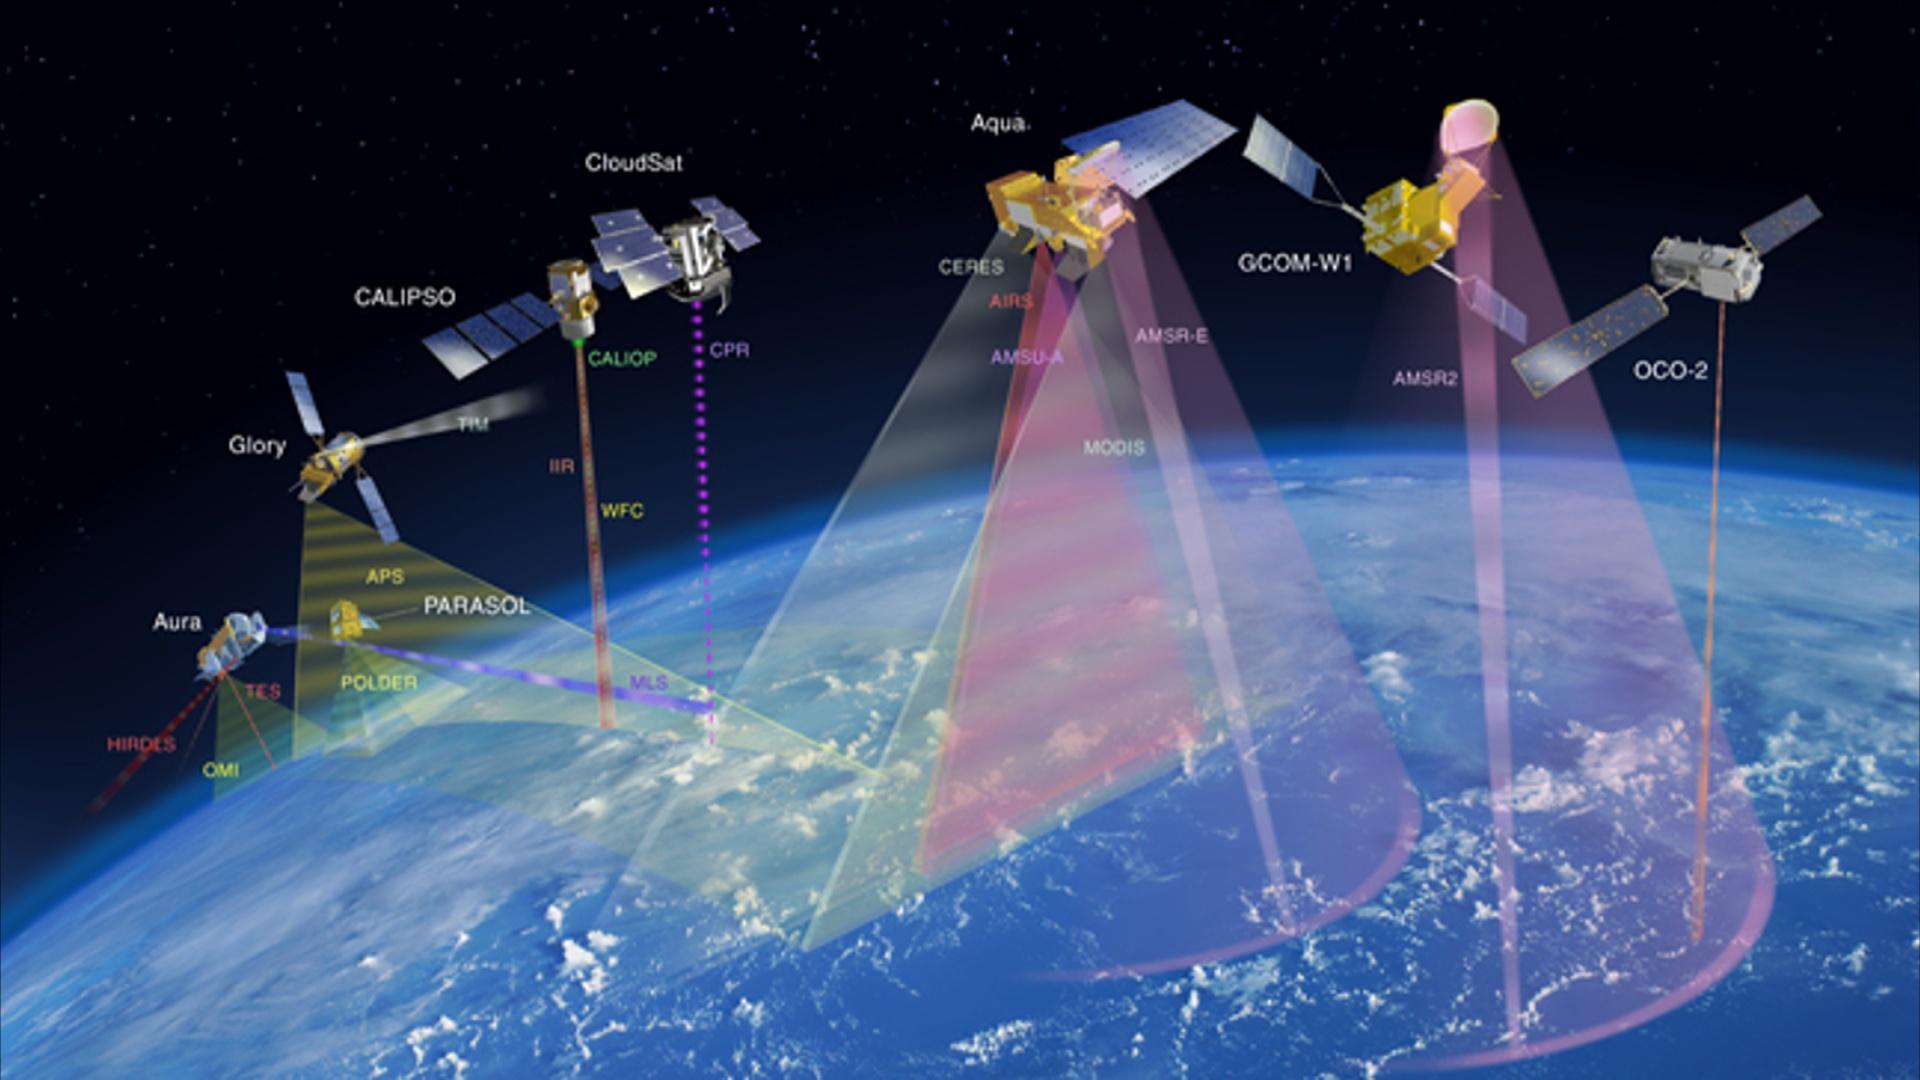 Alimlər atmosferin təmizliyini kosmosdan izləyə biləcəklər